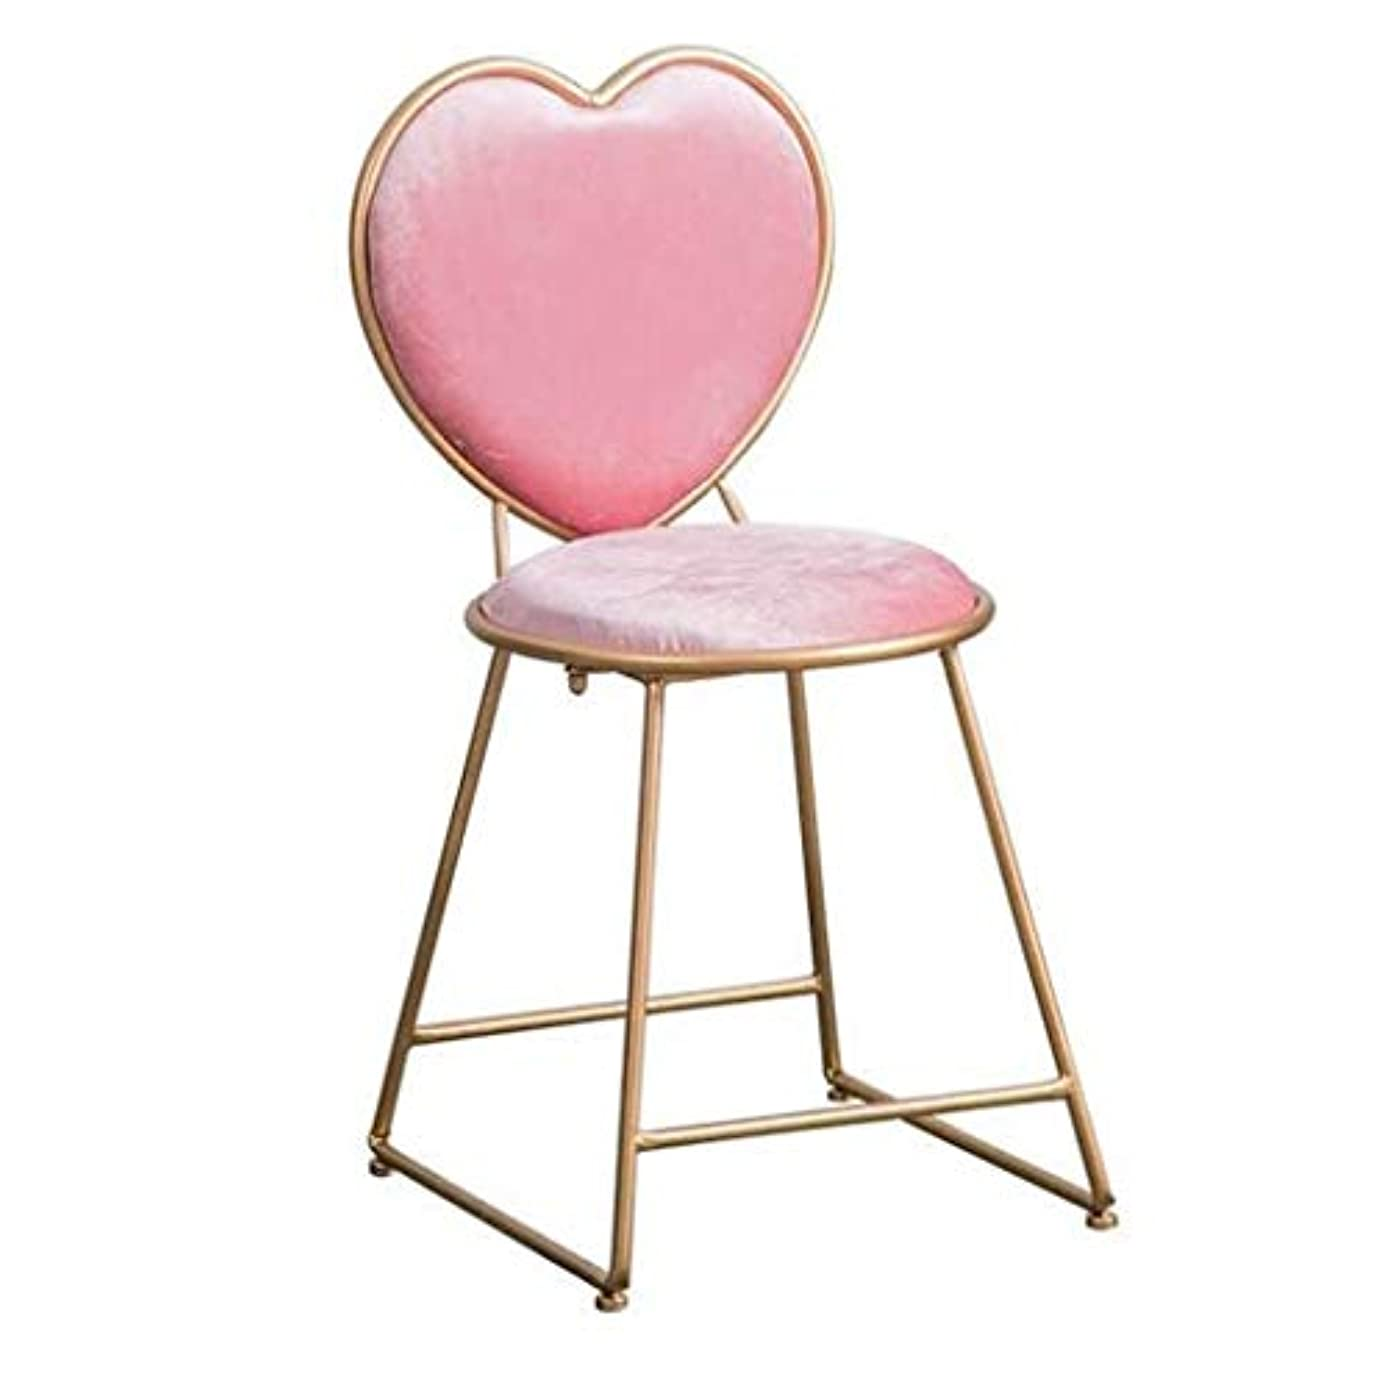 外科医現代のスペル化粧椅子ノルディックラブチェアゴールデンチェアダイニングチェアアイアンダイニングチェアネットレッドホテルゴールデンチェアクリエイティブチェアベッドルームリビングルームメタル化粧椅子,Pink,45*36*80CM